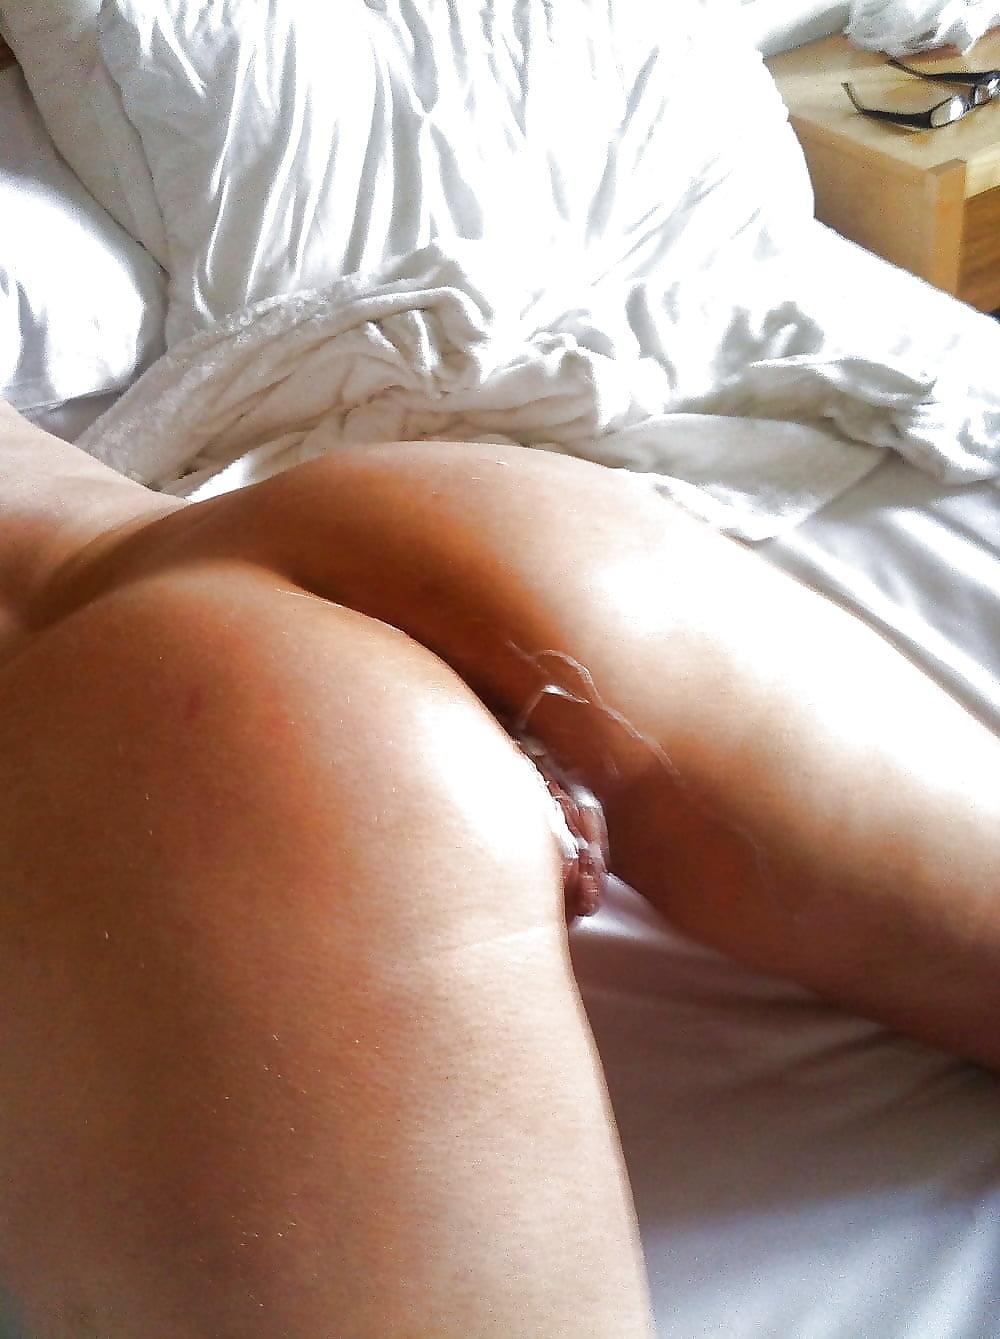 Hot sexy women near me-7336